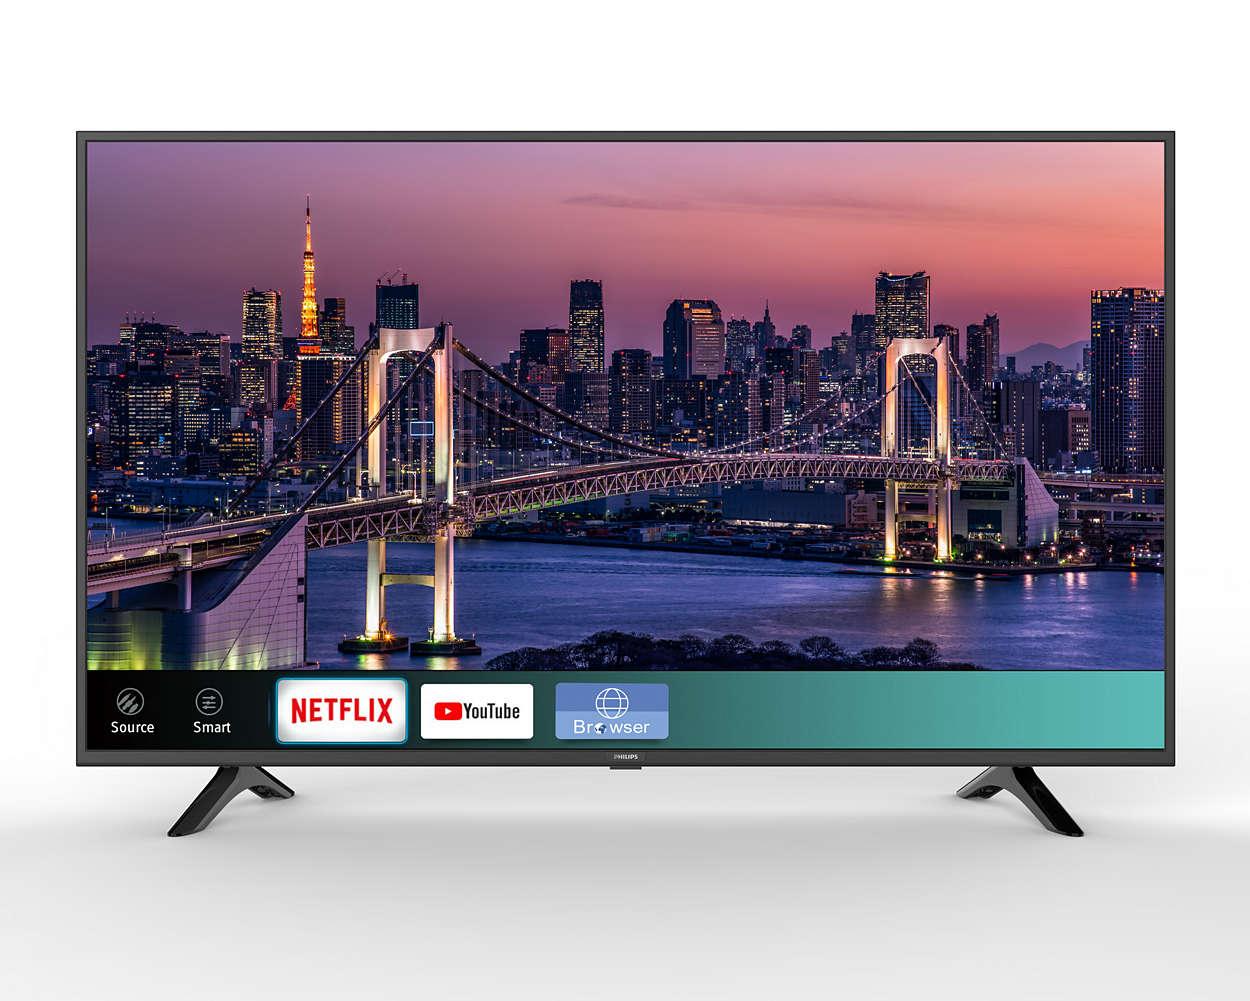 Smart 4K Ultra HDTV